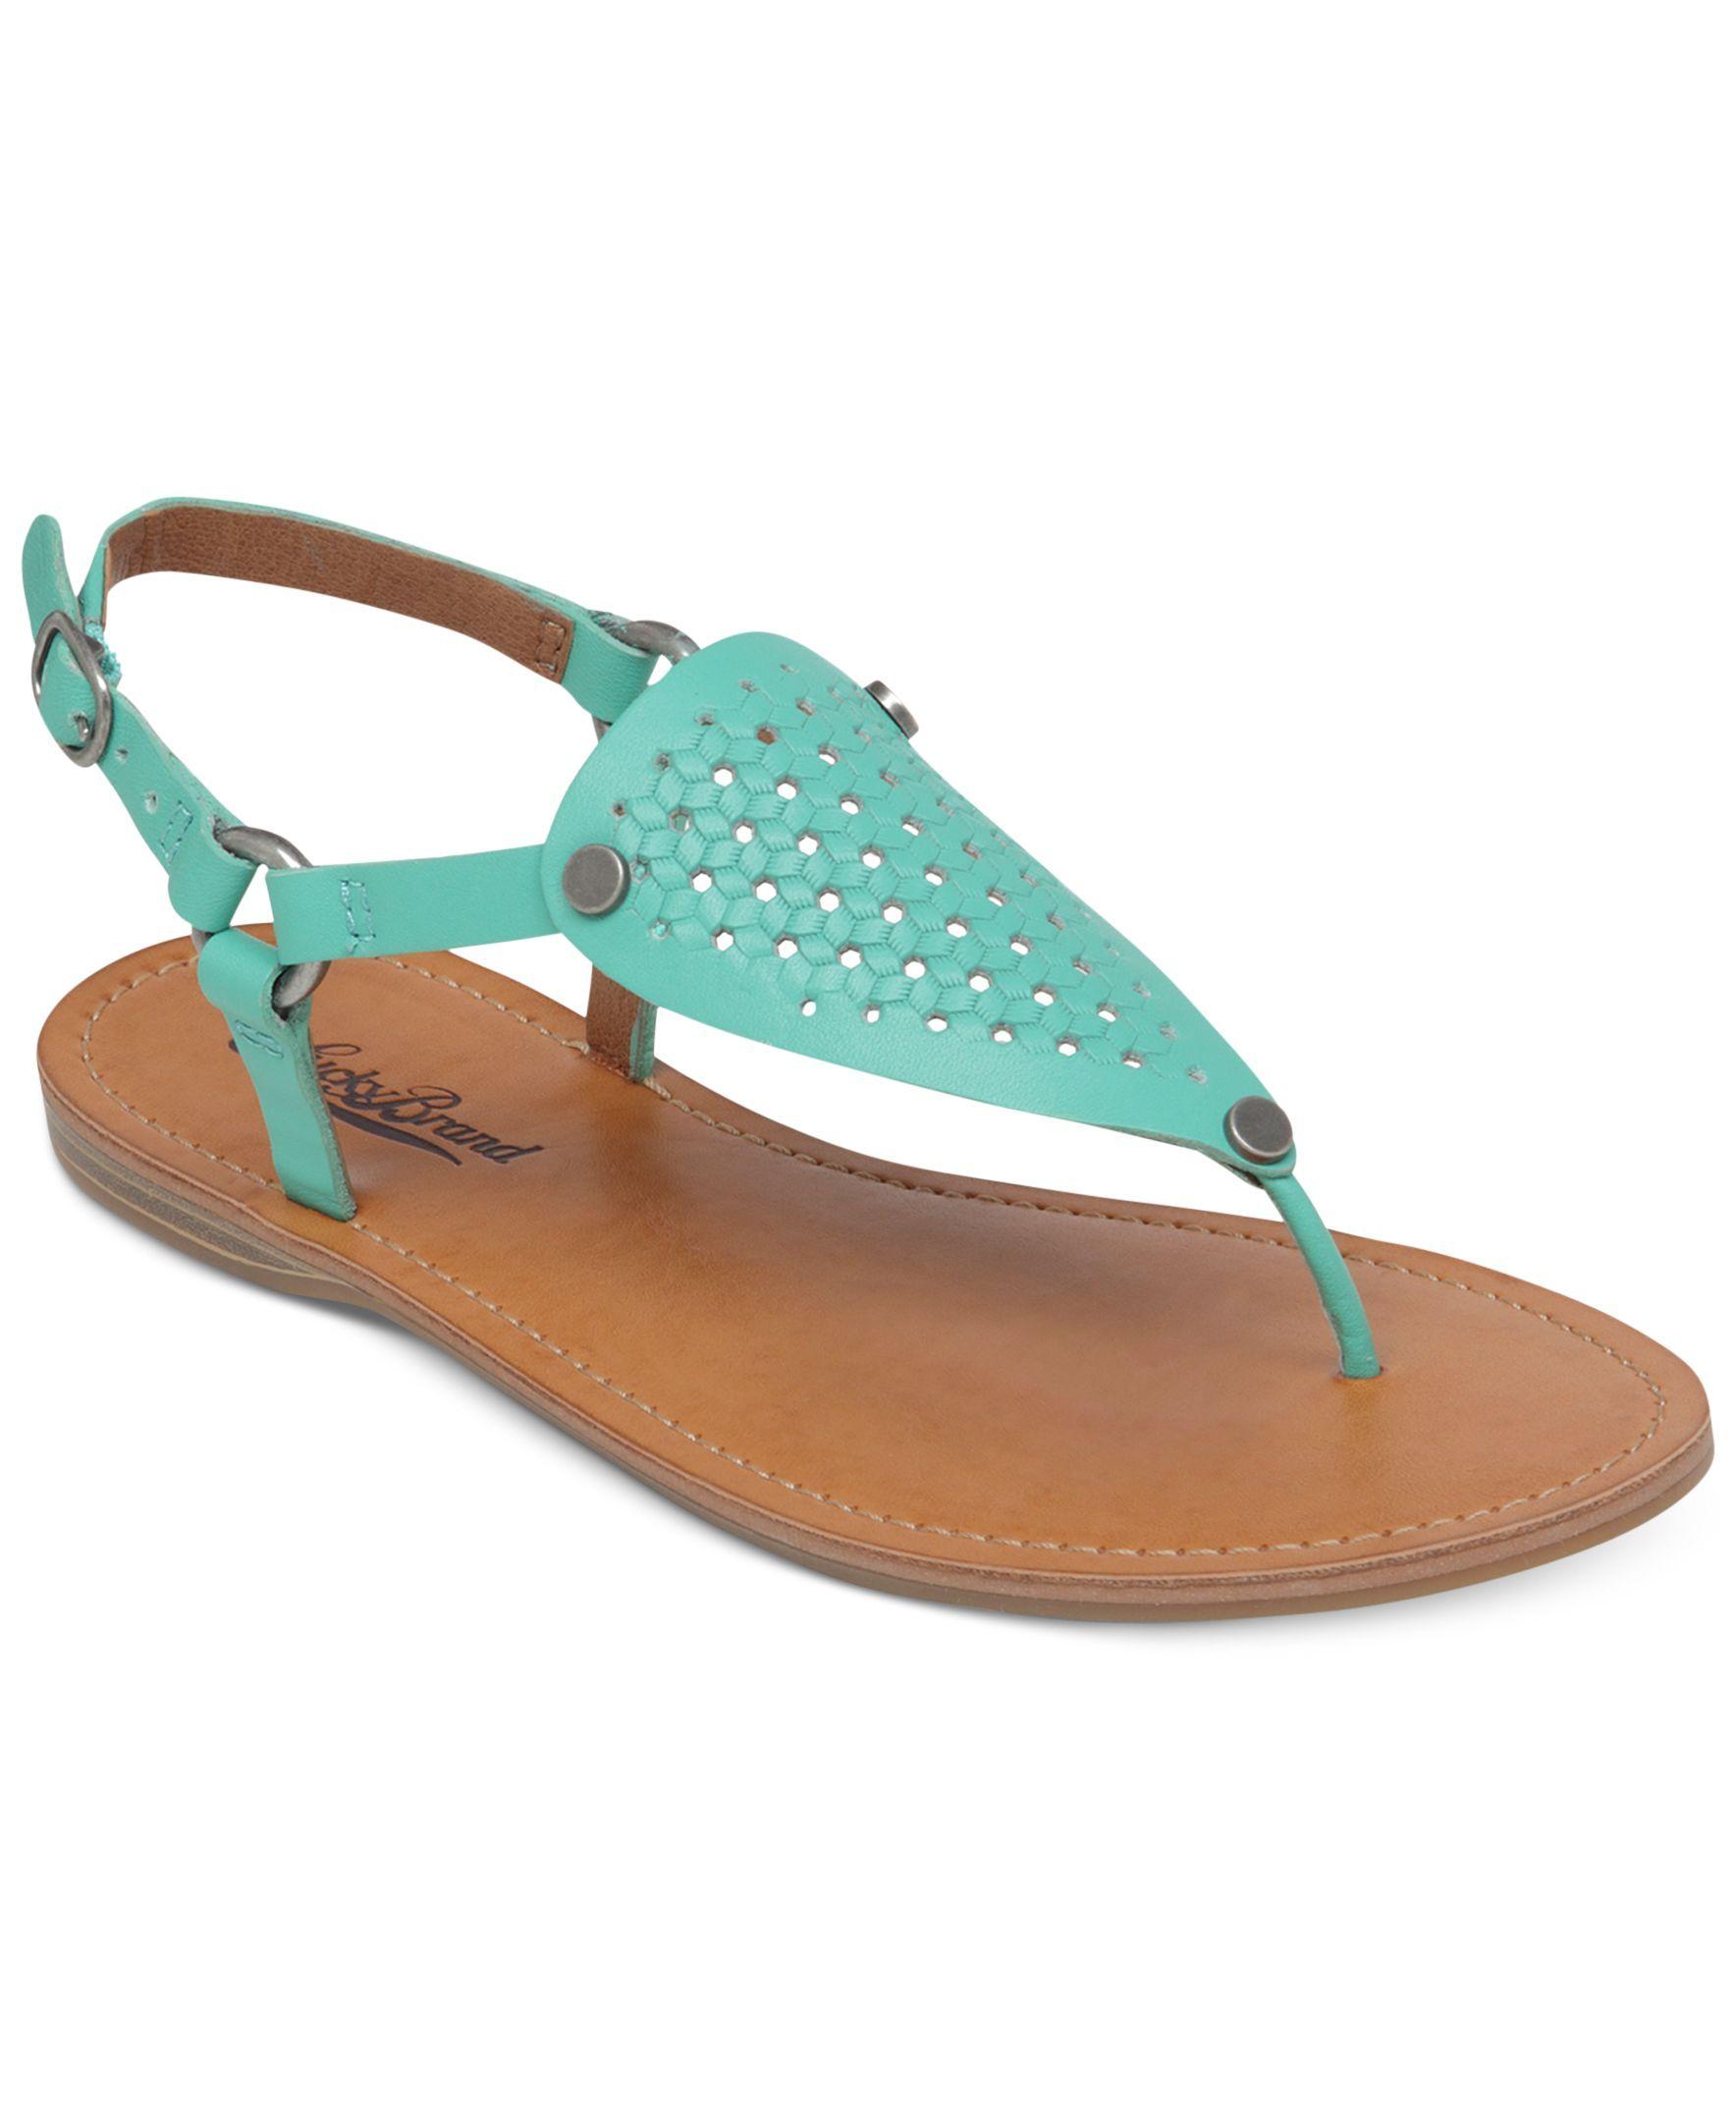 38b9e1c0ea68 Lucky Brand Women s Abell Flat Thong Sandals